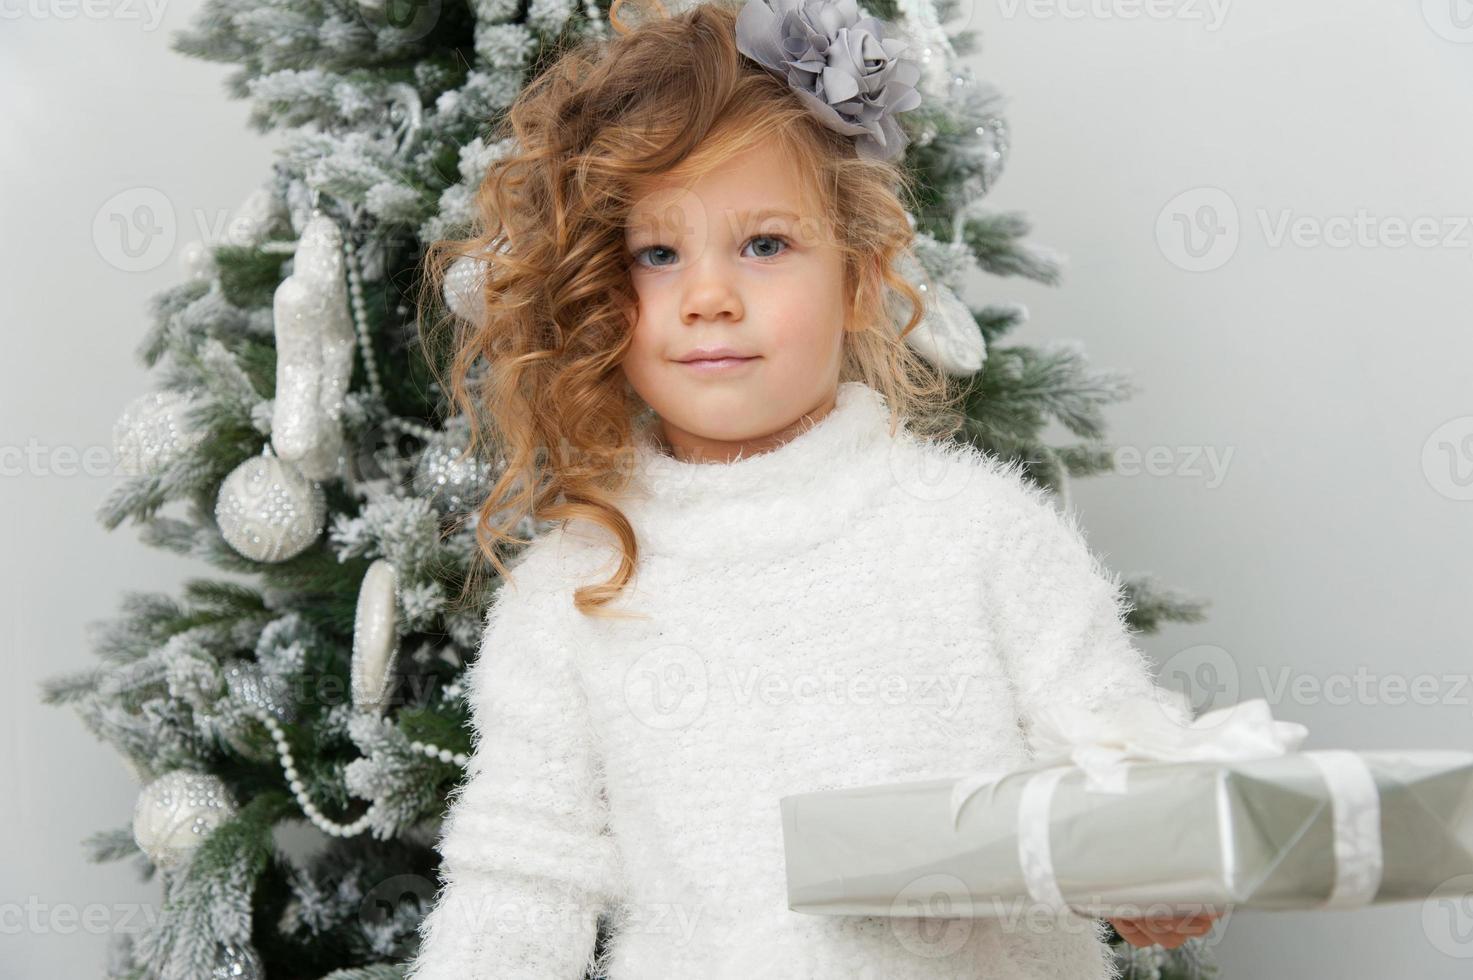 süßes Kindermädchen mit Geschenk nahe Weihnachtsbaum foto